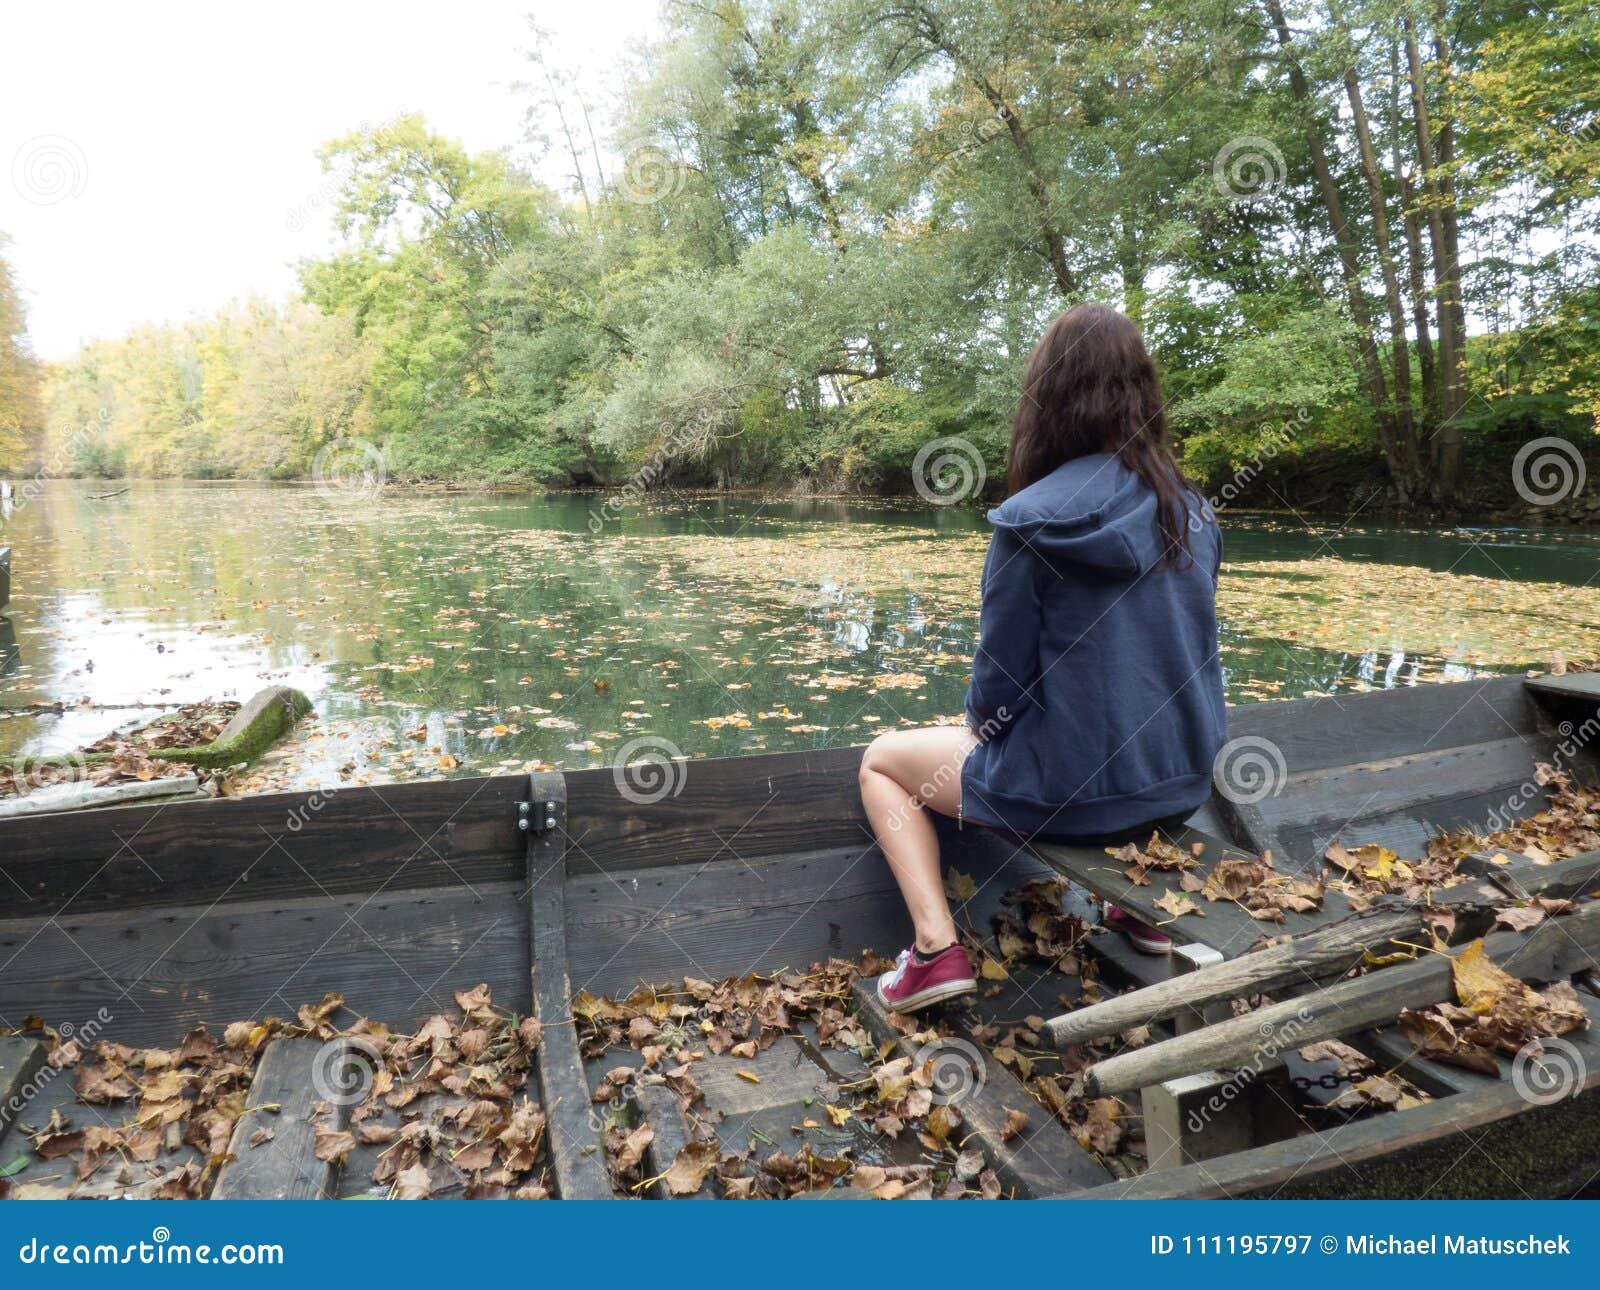 Zaniechane łodzie kłaść out na rzece z kobietami siedzi na one